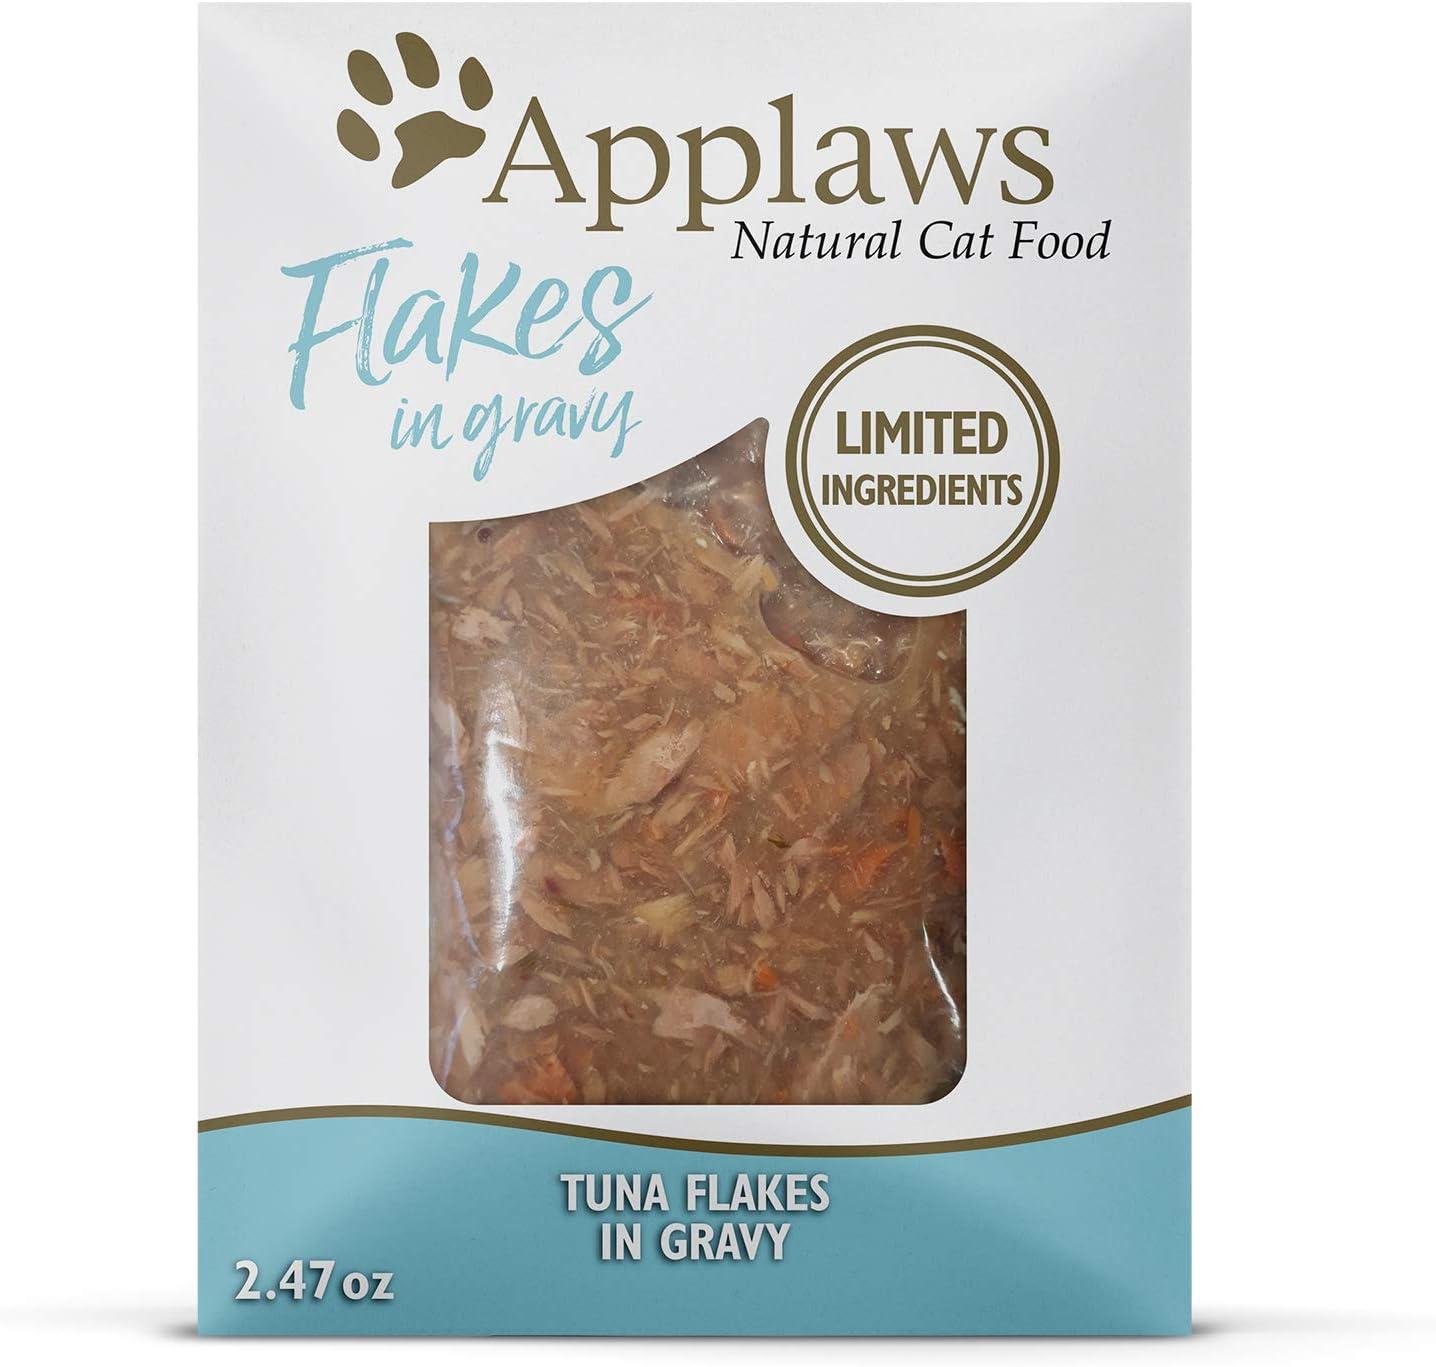 Applaws - CAT Treat - Tuna Flakes